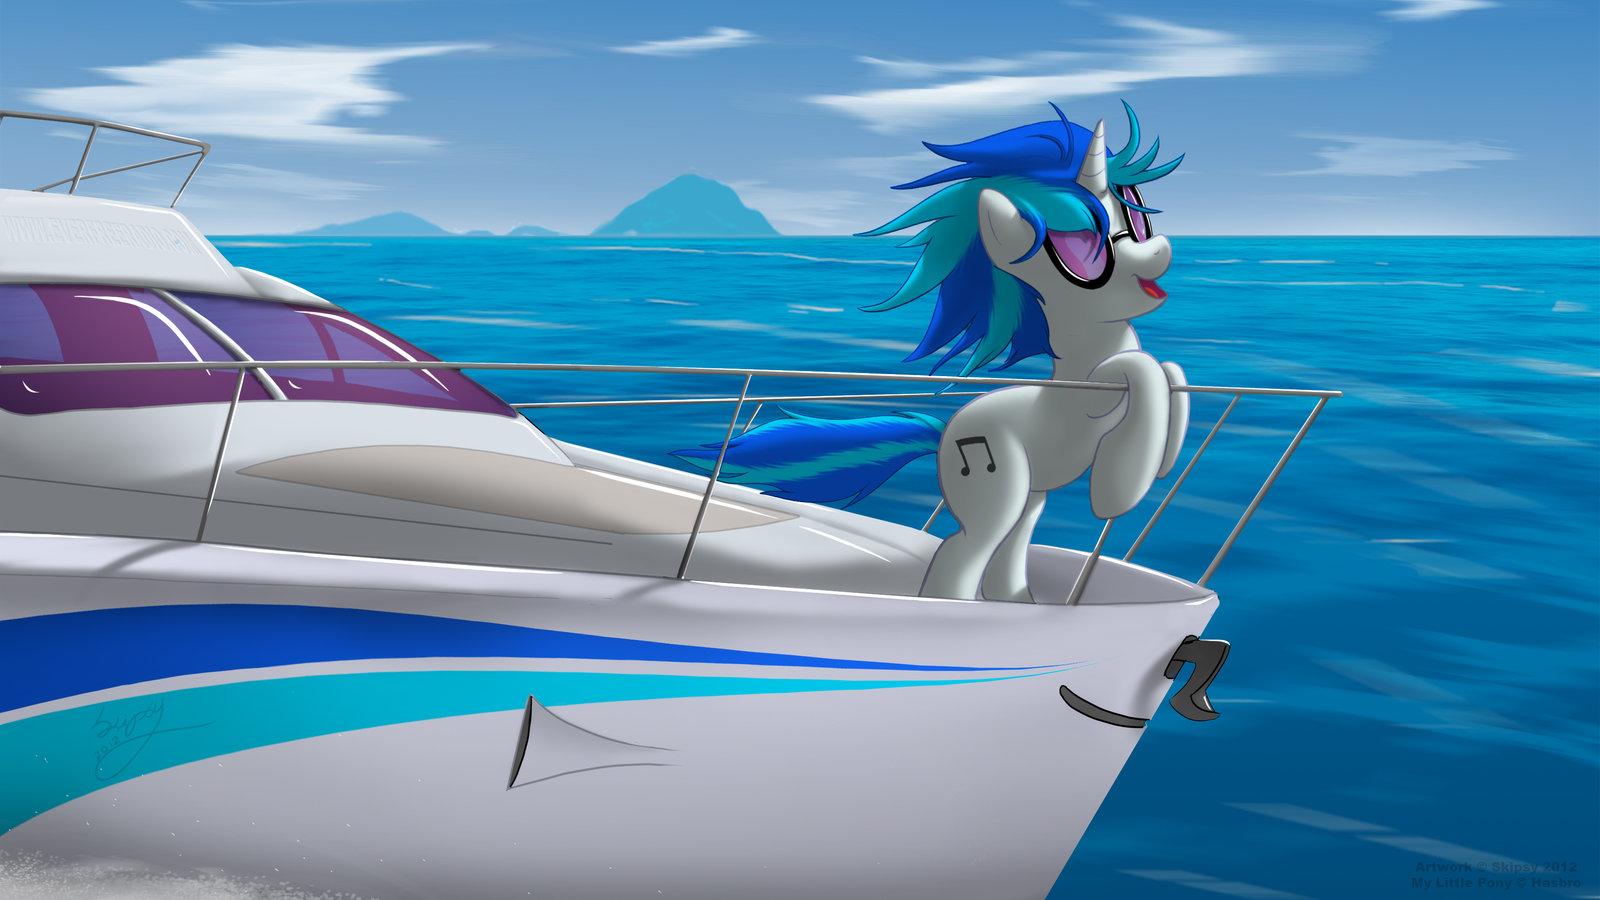 i__m_on_a_boat__by_foxkin-d4o365s.jpg